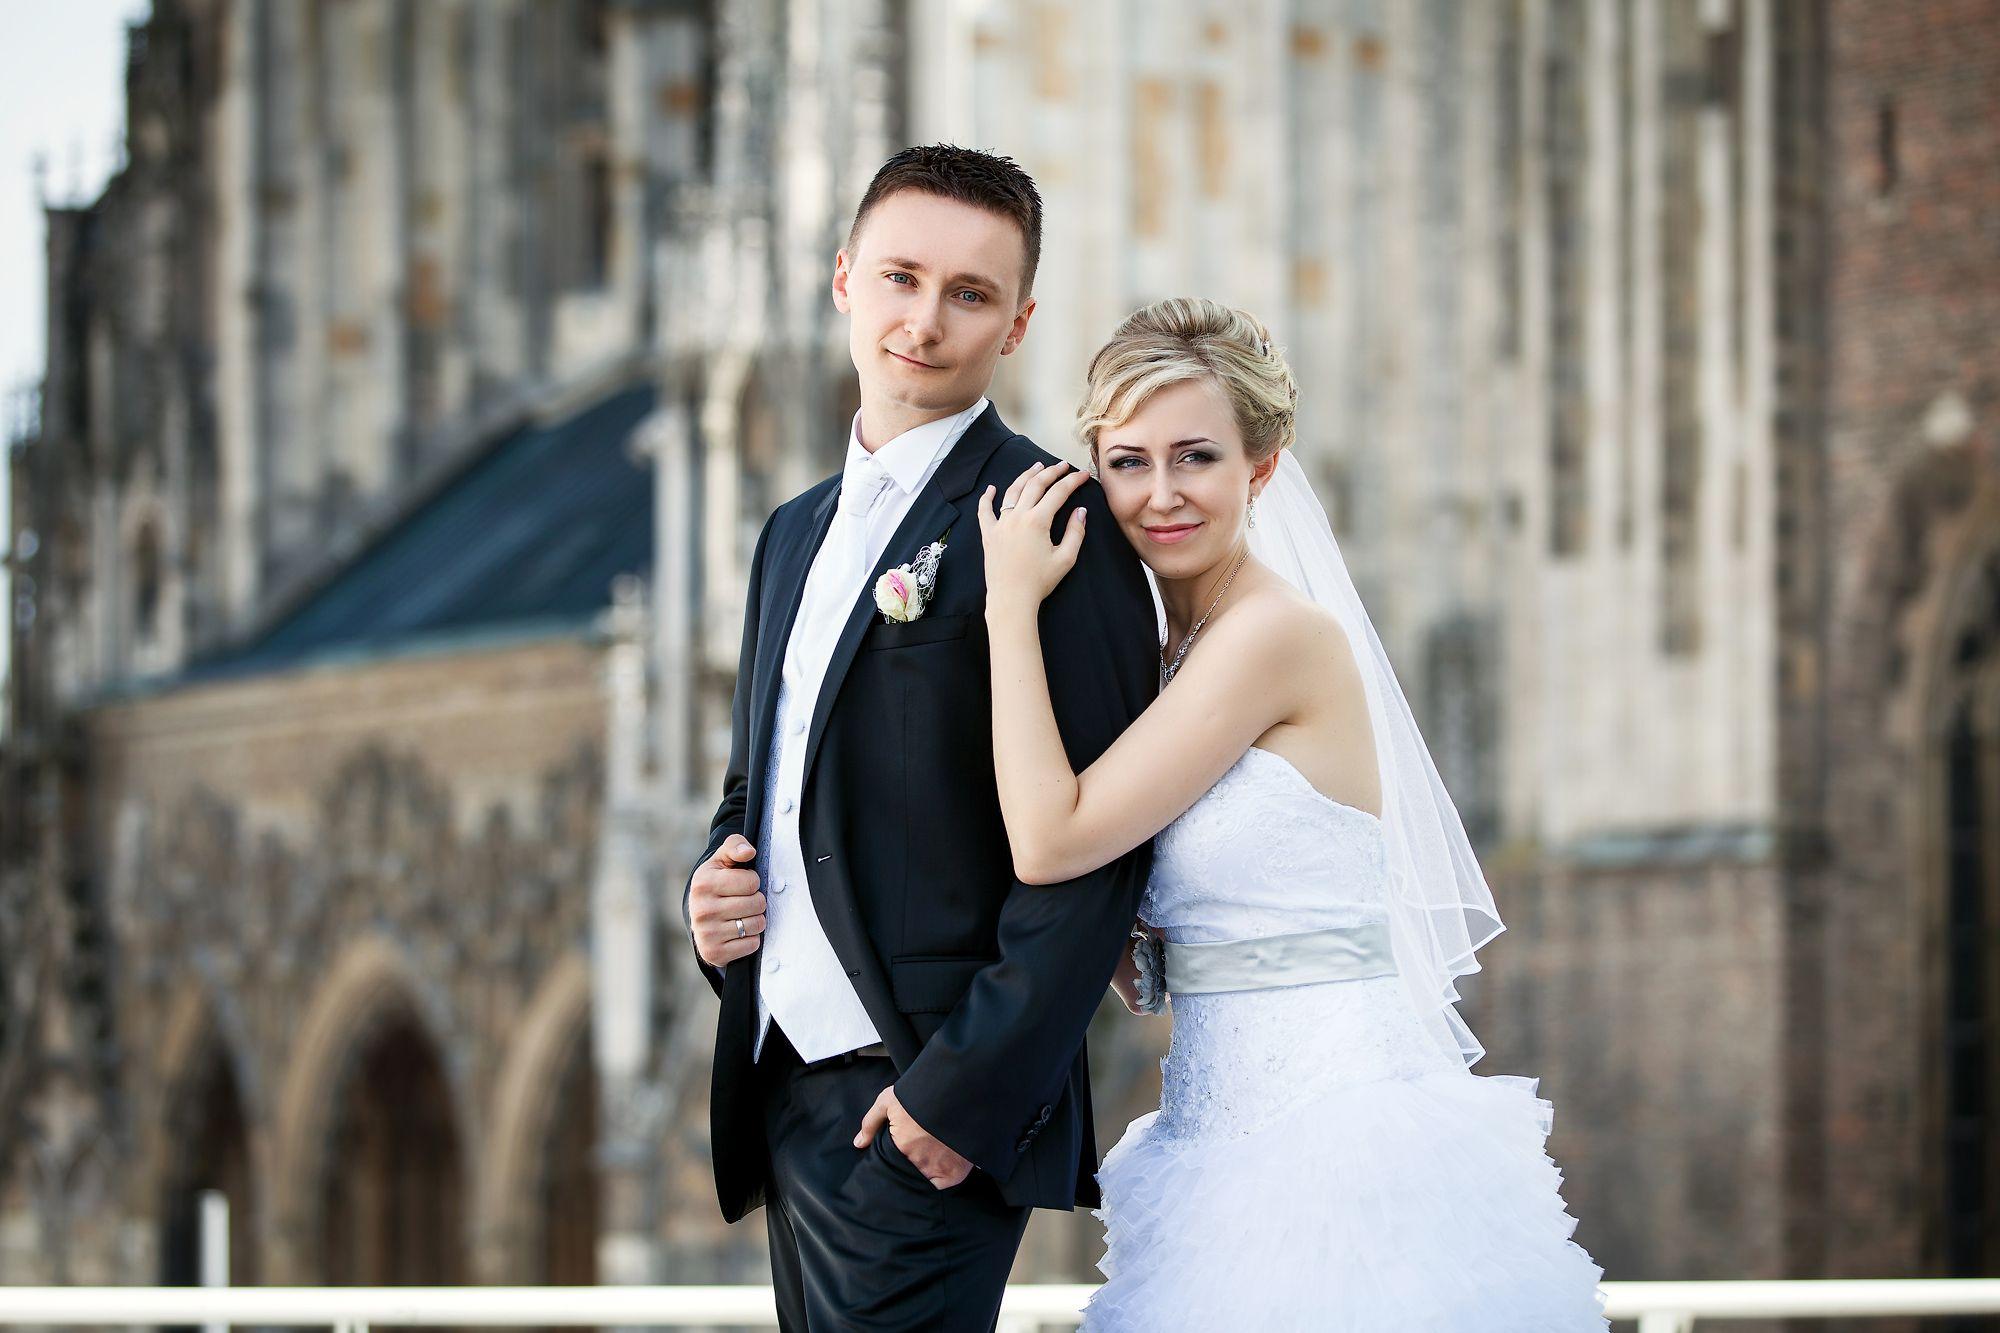 Hochzeitspaar, Braut und Bräutigam, Liebe